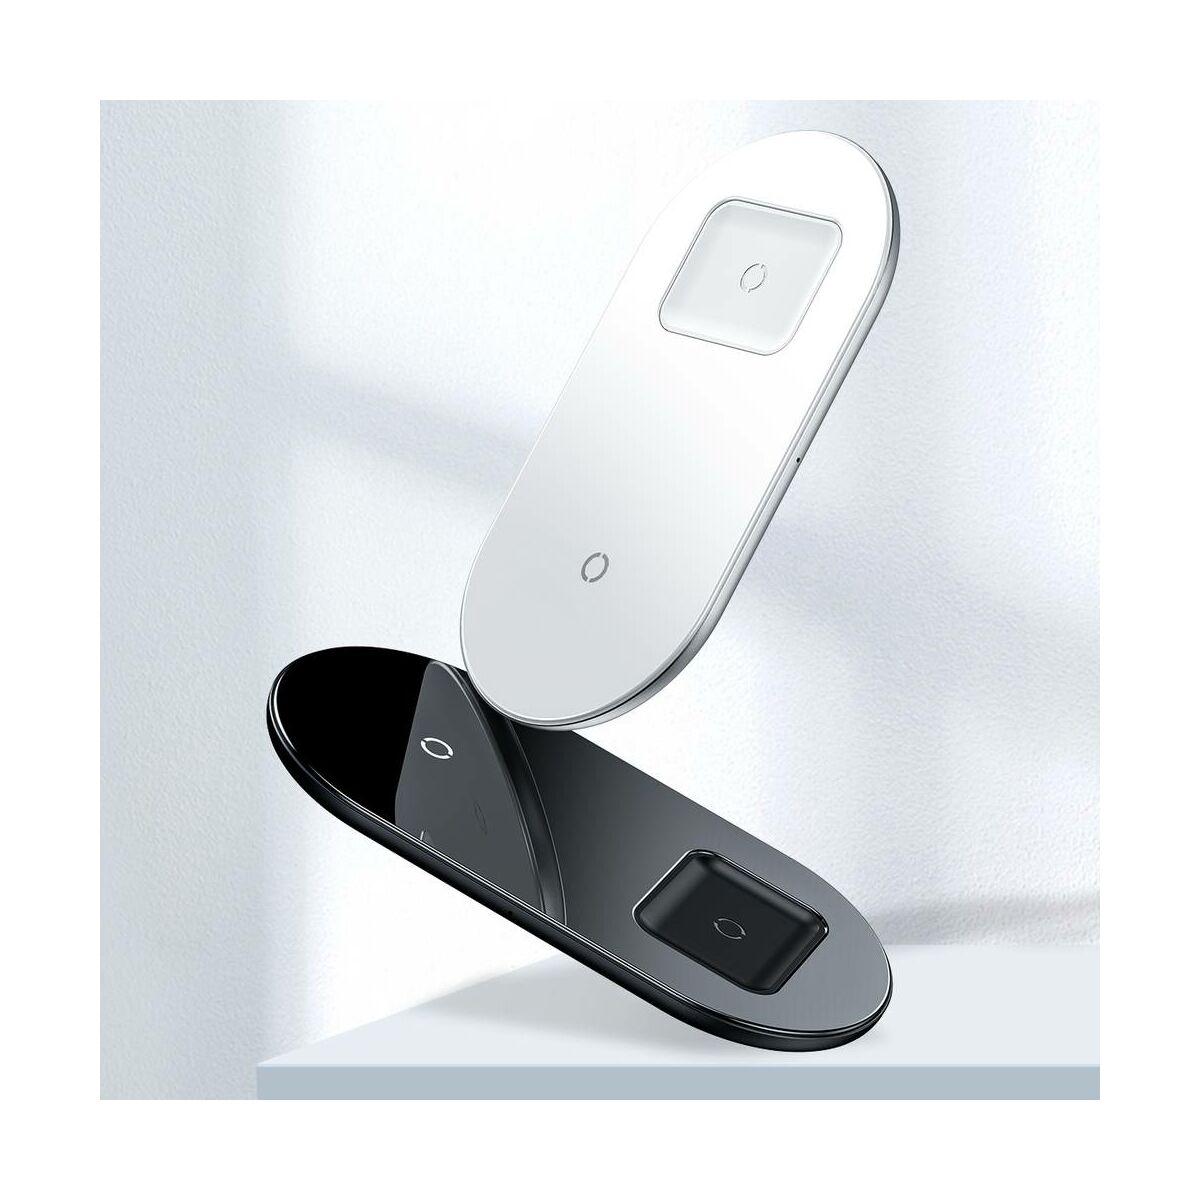 Baseus vezeték nélküli töltő, Simple 2-in-1, telefon + AirPods, 18W, fekete (WXJK-01)